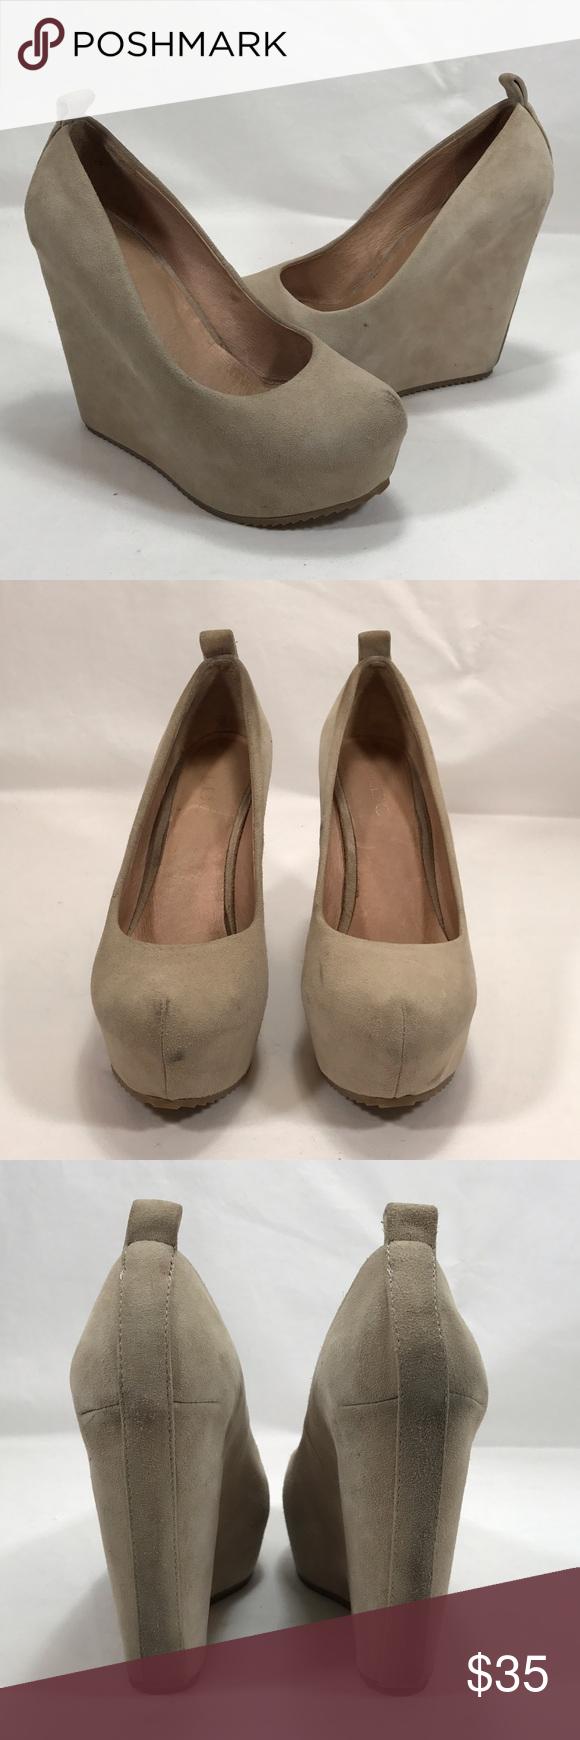 c3751d1c0e1 ALDO Calcagni Nude Suede Wedge Heels - Size 6 5 inch heel with 1.5 inch  platform